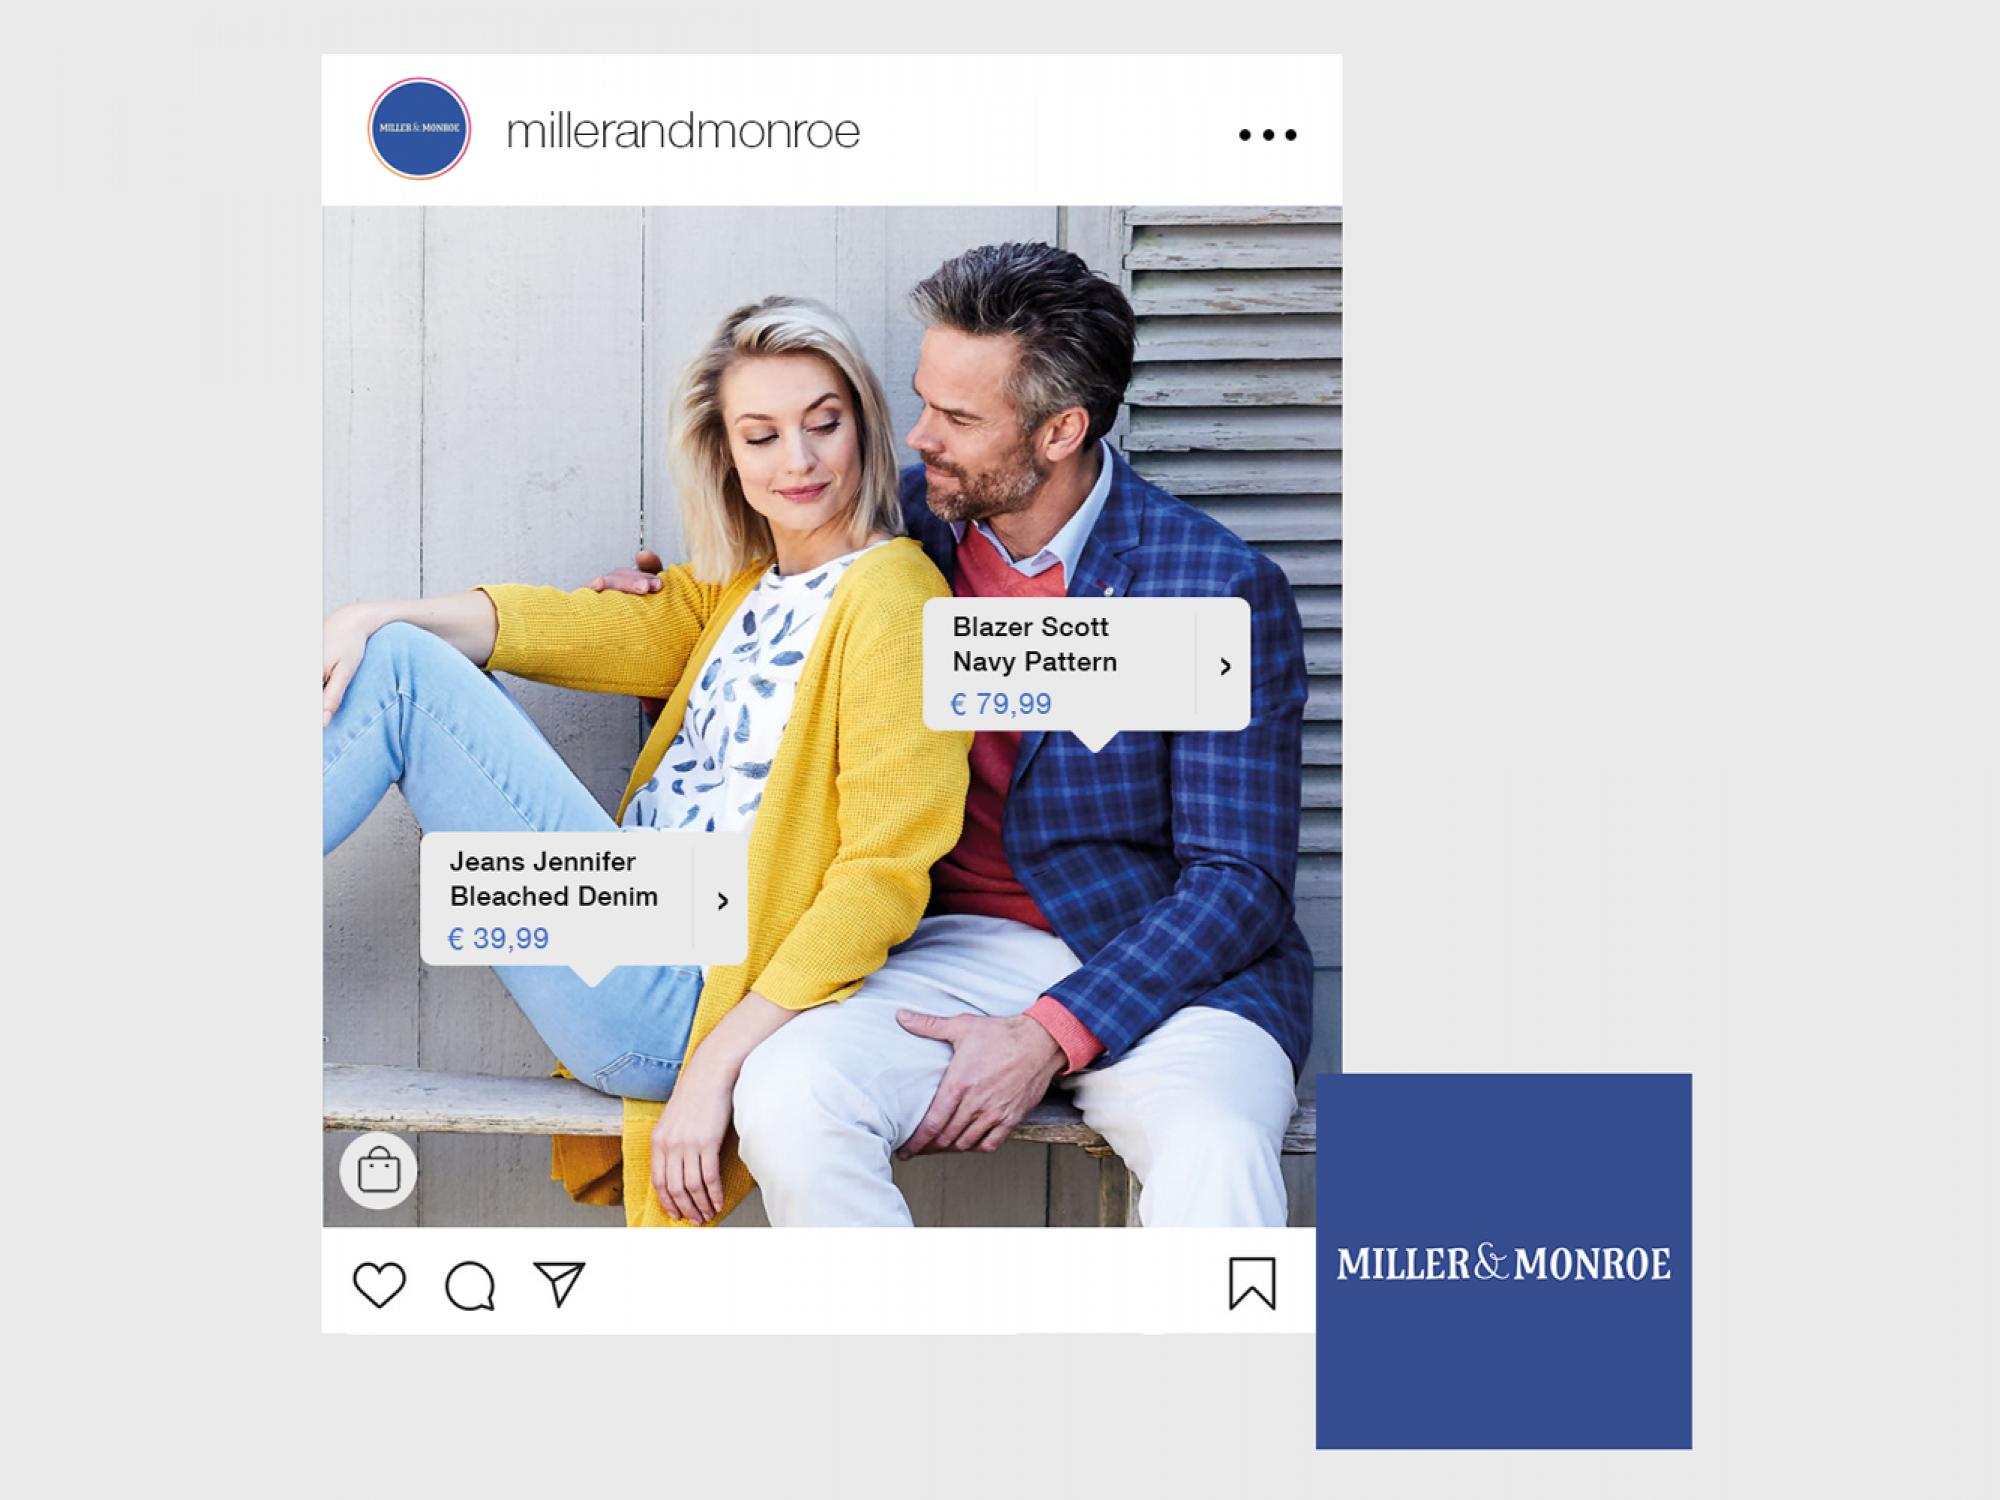 Instagram shopping functie voor Miller & Monroe